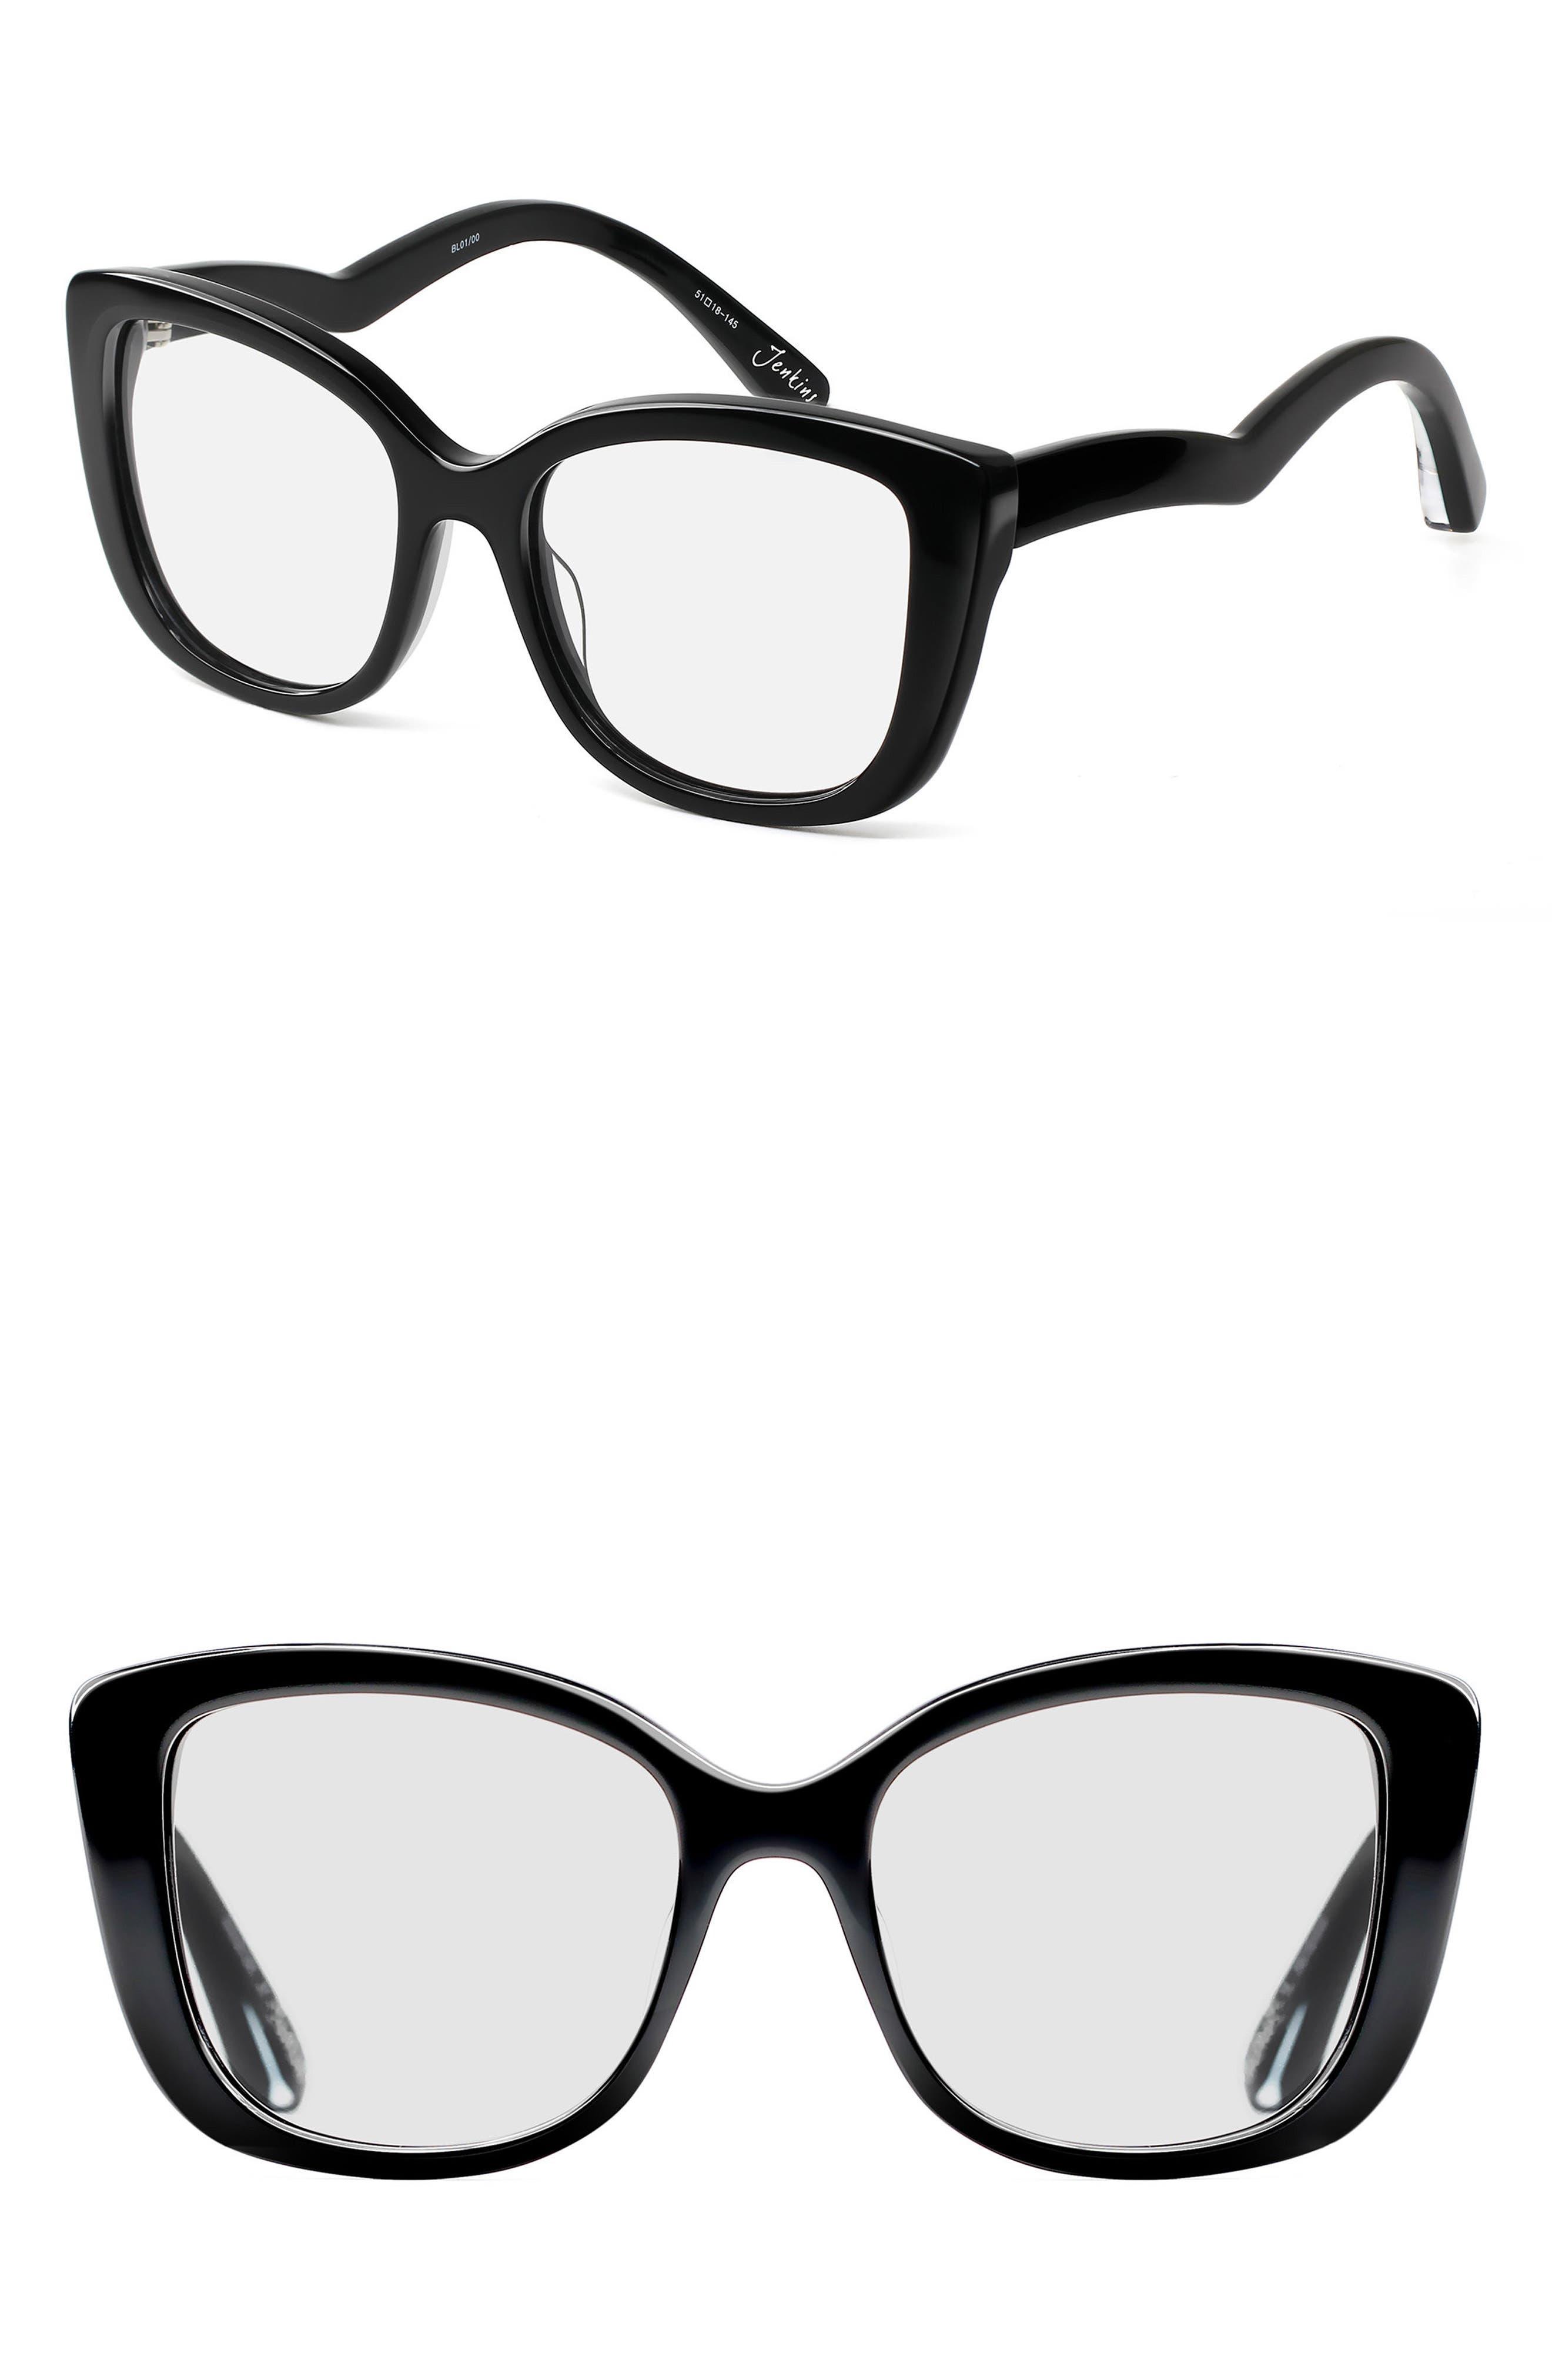 Jenkins 51mm Optical Frames,                         Main,                         color,